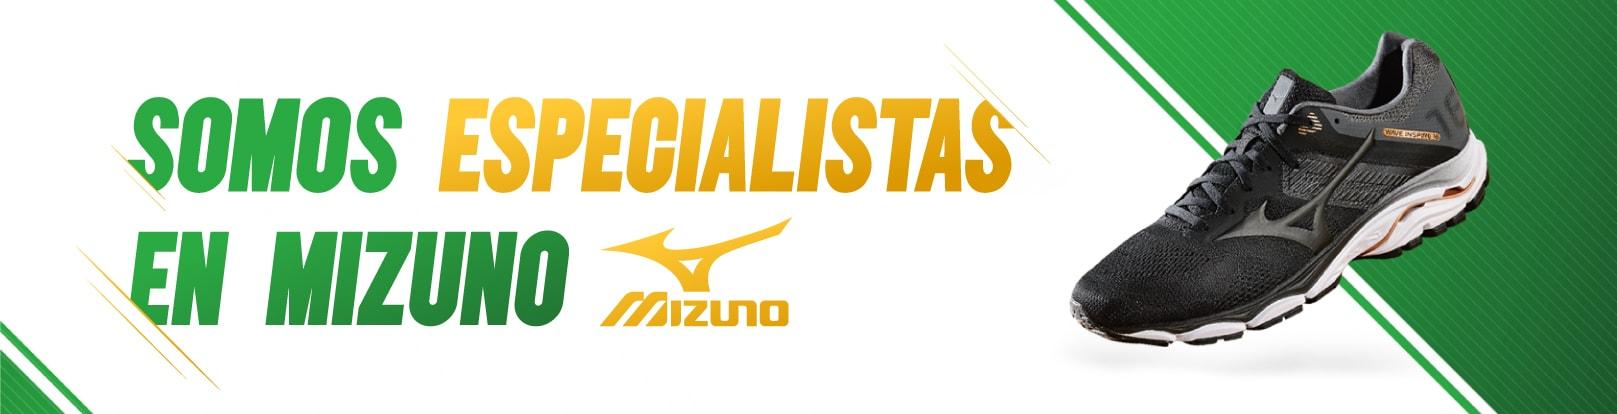 Tienda especialista Mizuno Canarias